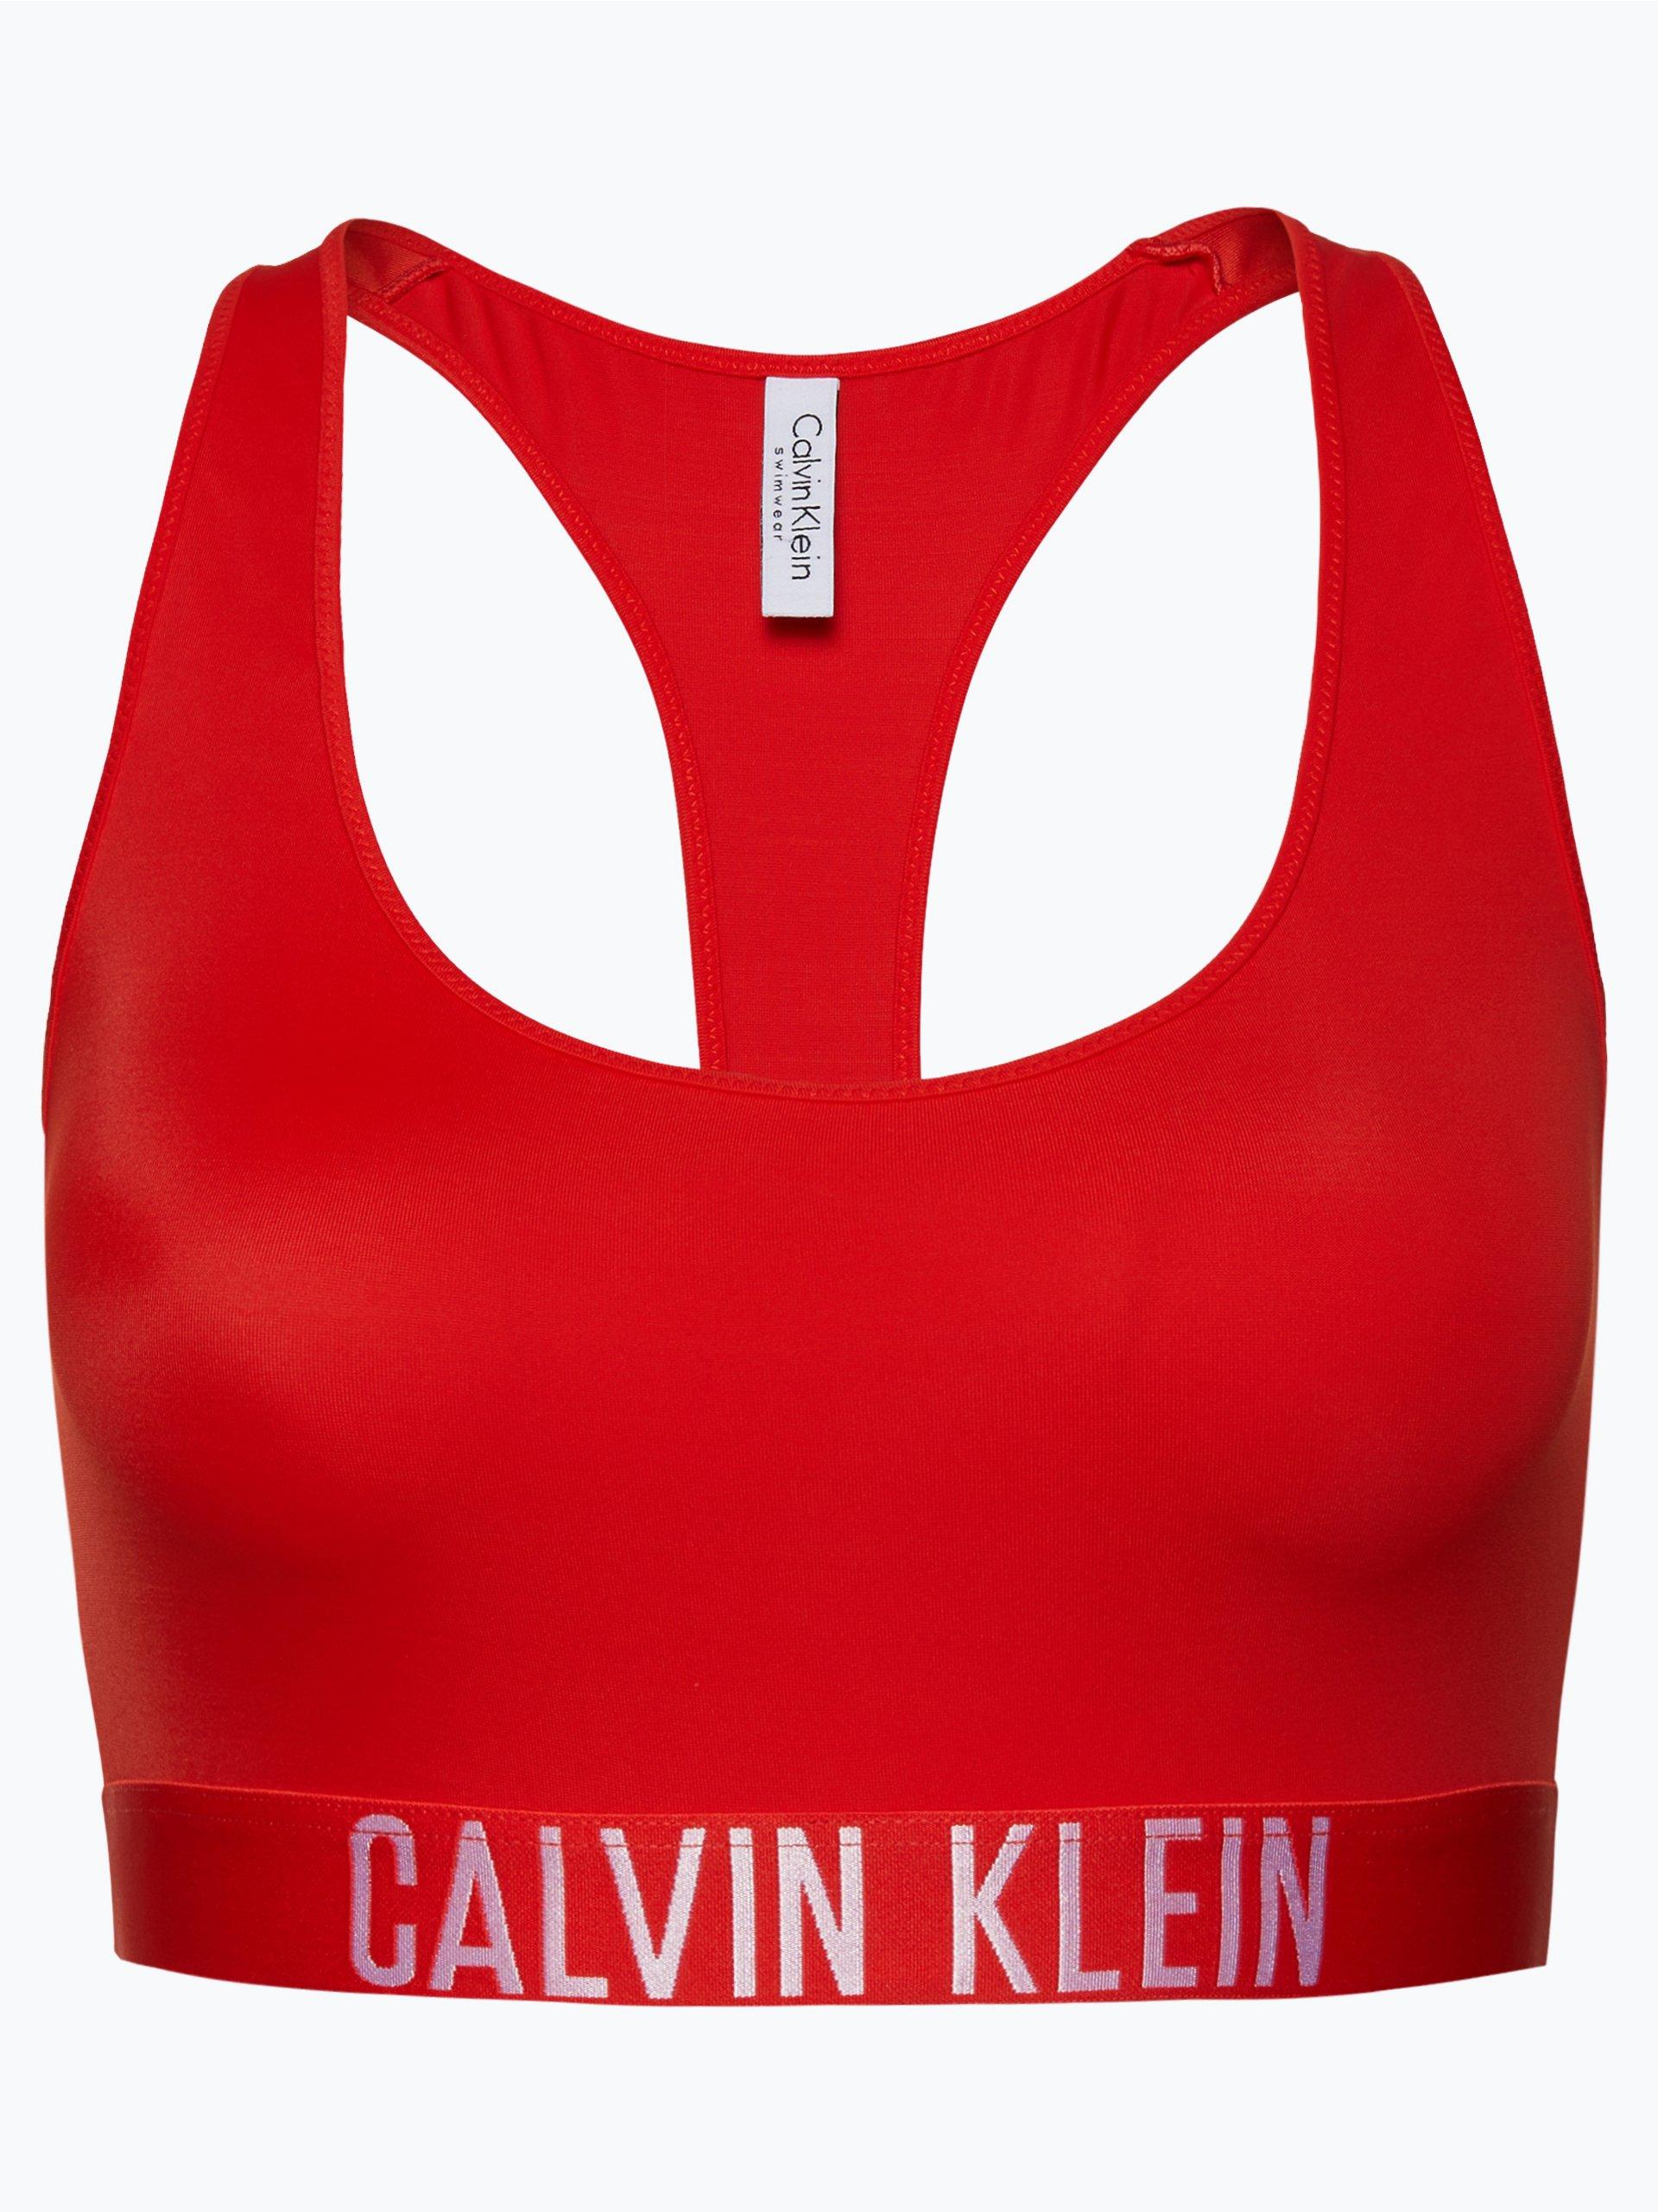 calvin klein damen bikini oberteil racer back bralette. Black Bedroom Furniture Sets. Home Design Ideas